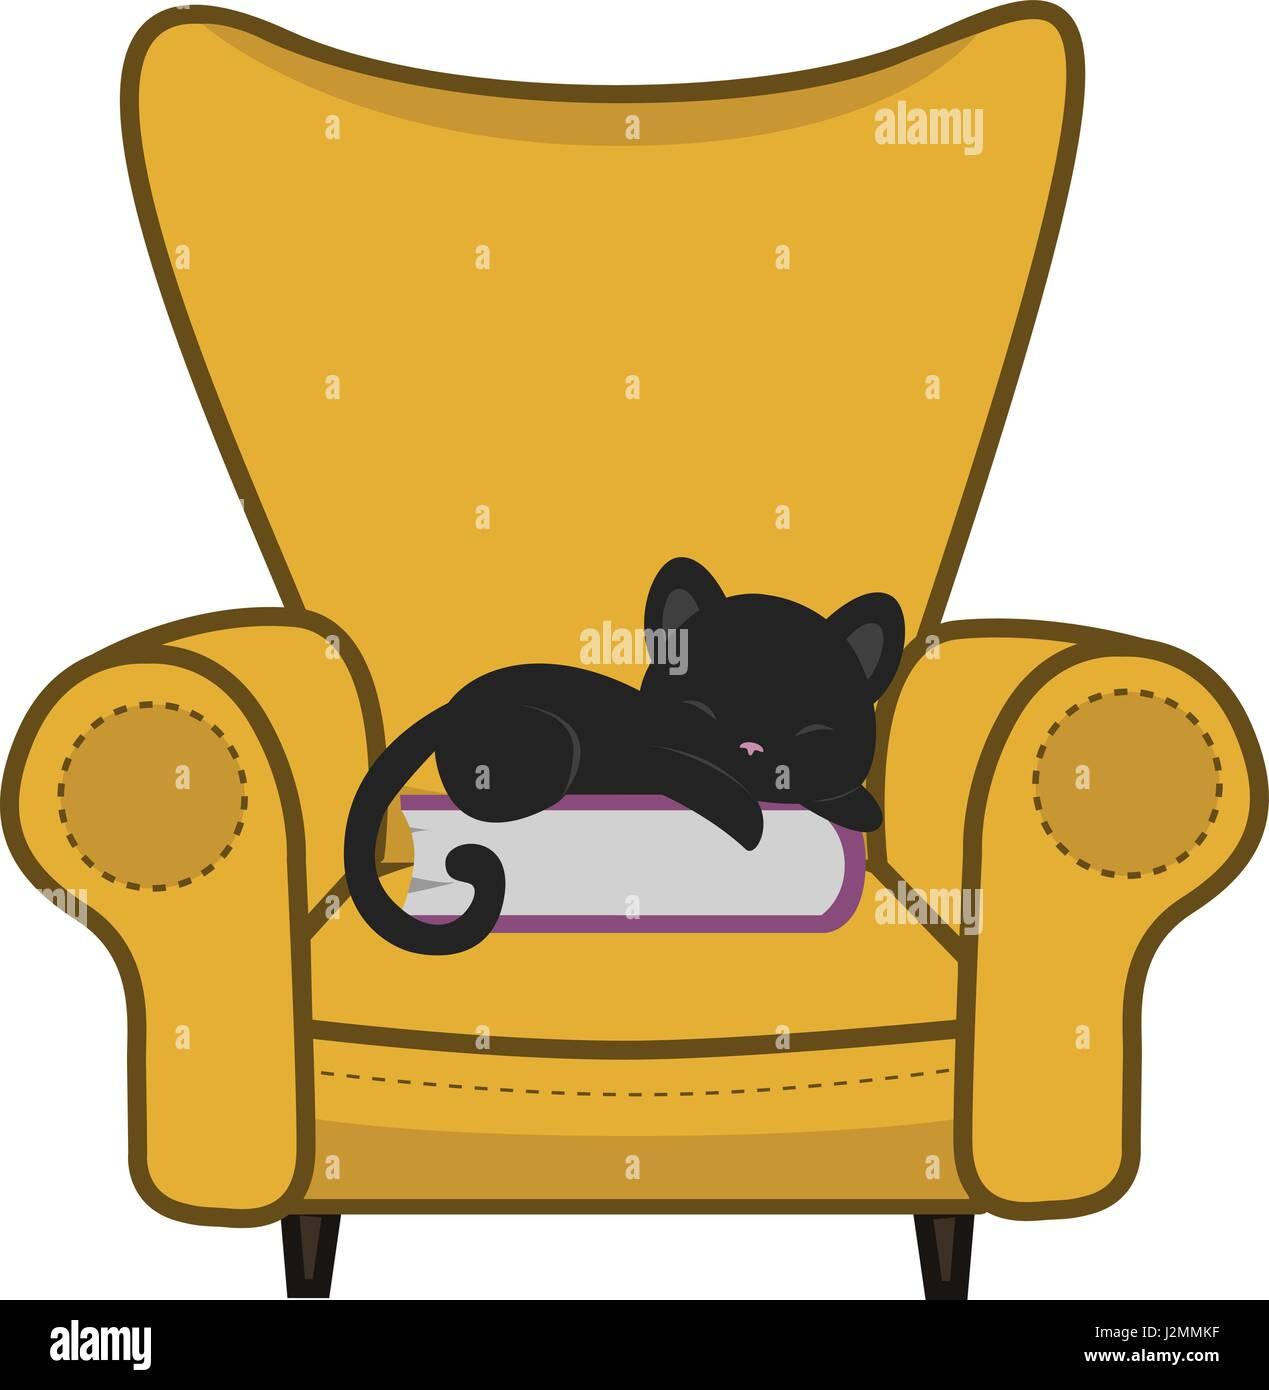 Cat Armchair Stock Photos Amp Cat Armchair Stock Images Alamy